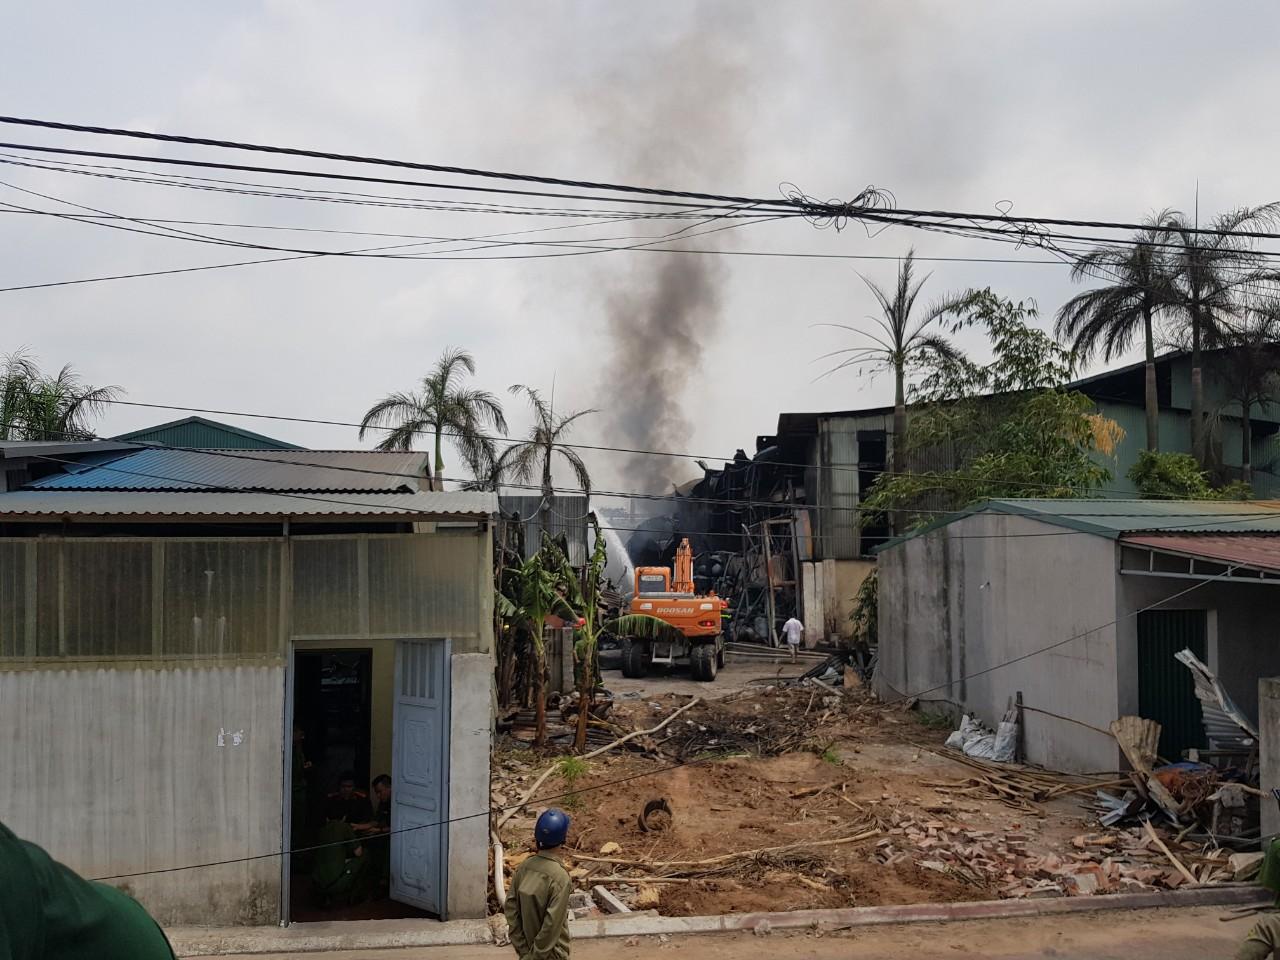 Hà Nội: Cháy nổ lớn tại kho hóa chất làm sơn ở Long Biên - Ảnh 4.